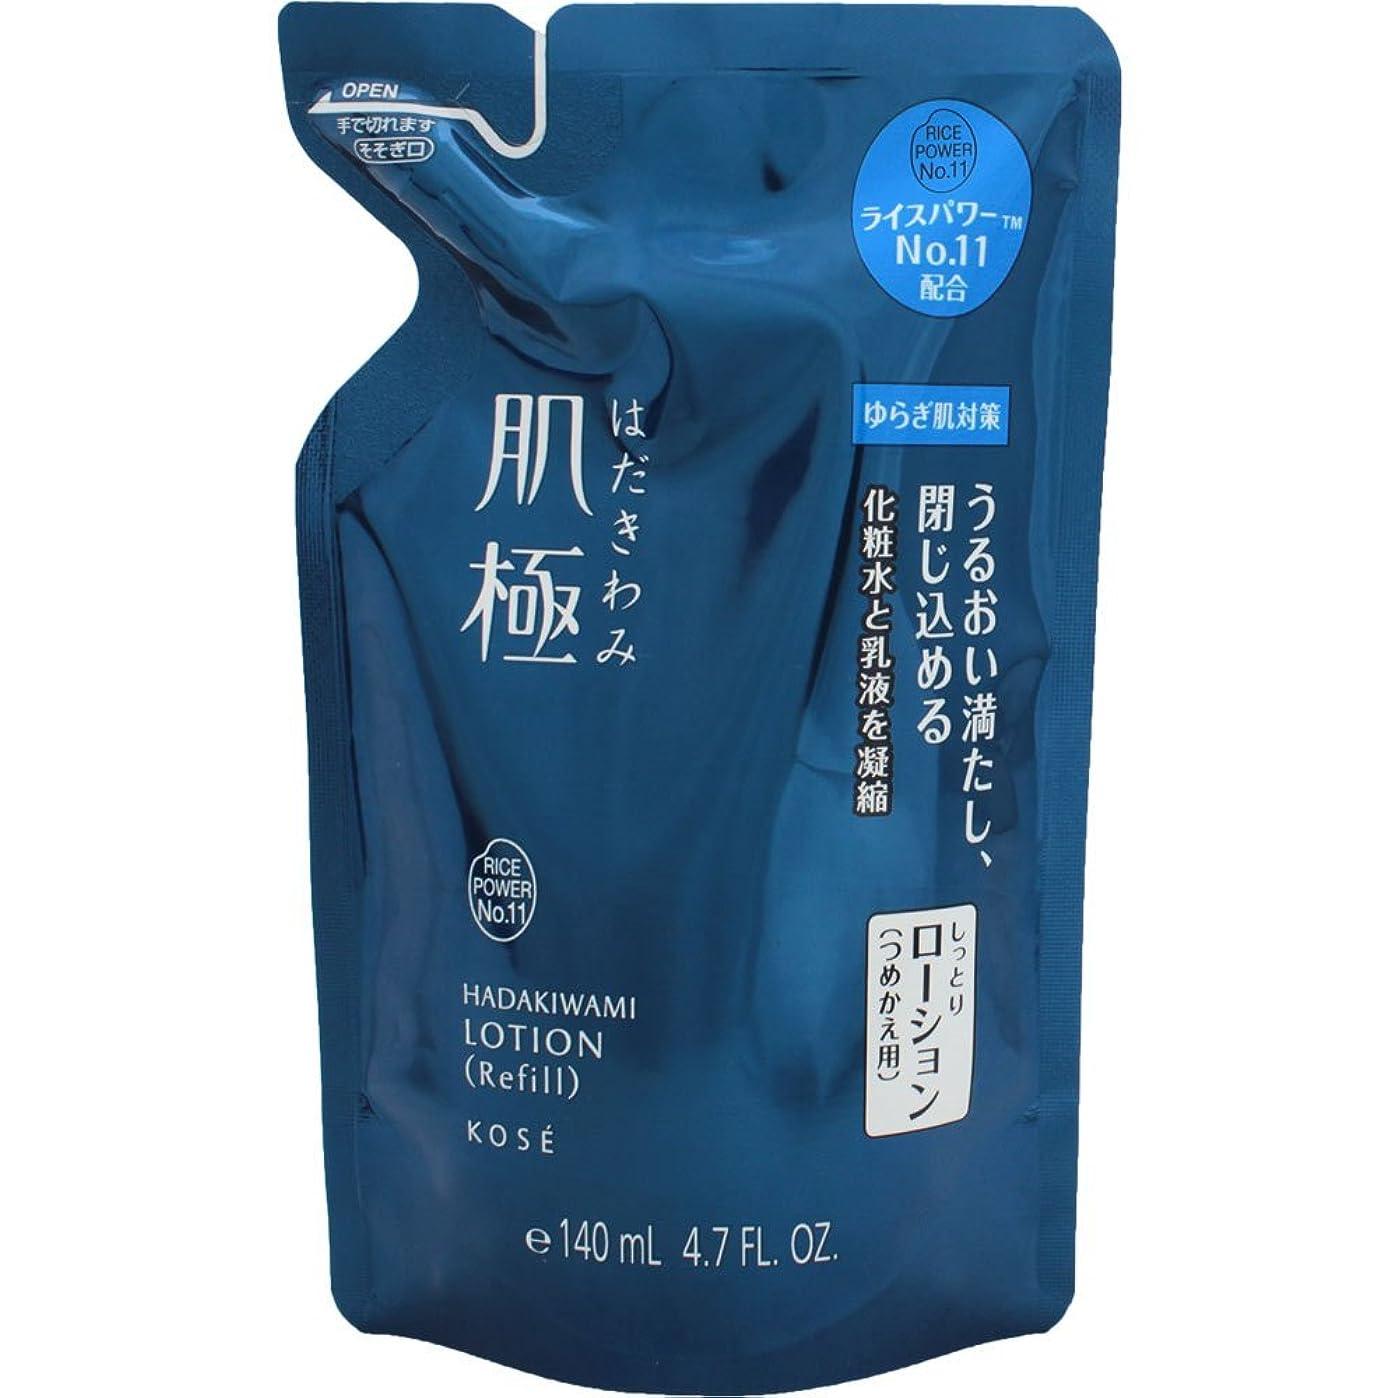 おもてなし放棄する遠洋の肌極 はだきわみ 化粧液 (つめかえ用) 140mL